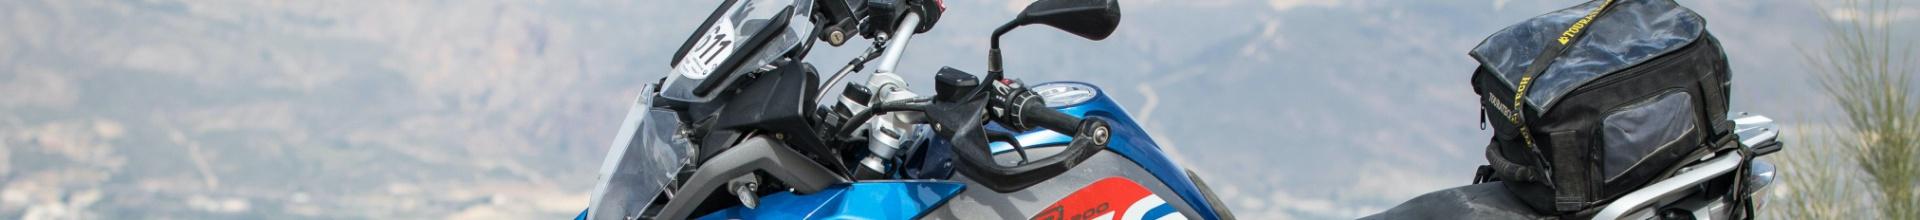 RMA & K-moto Motokemp 09. - 10.07.2021